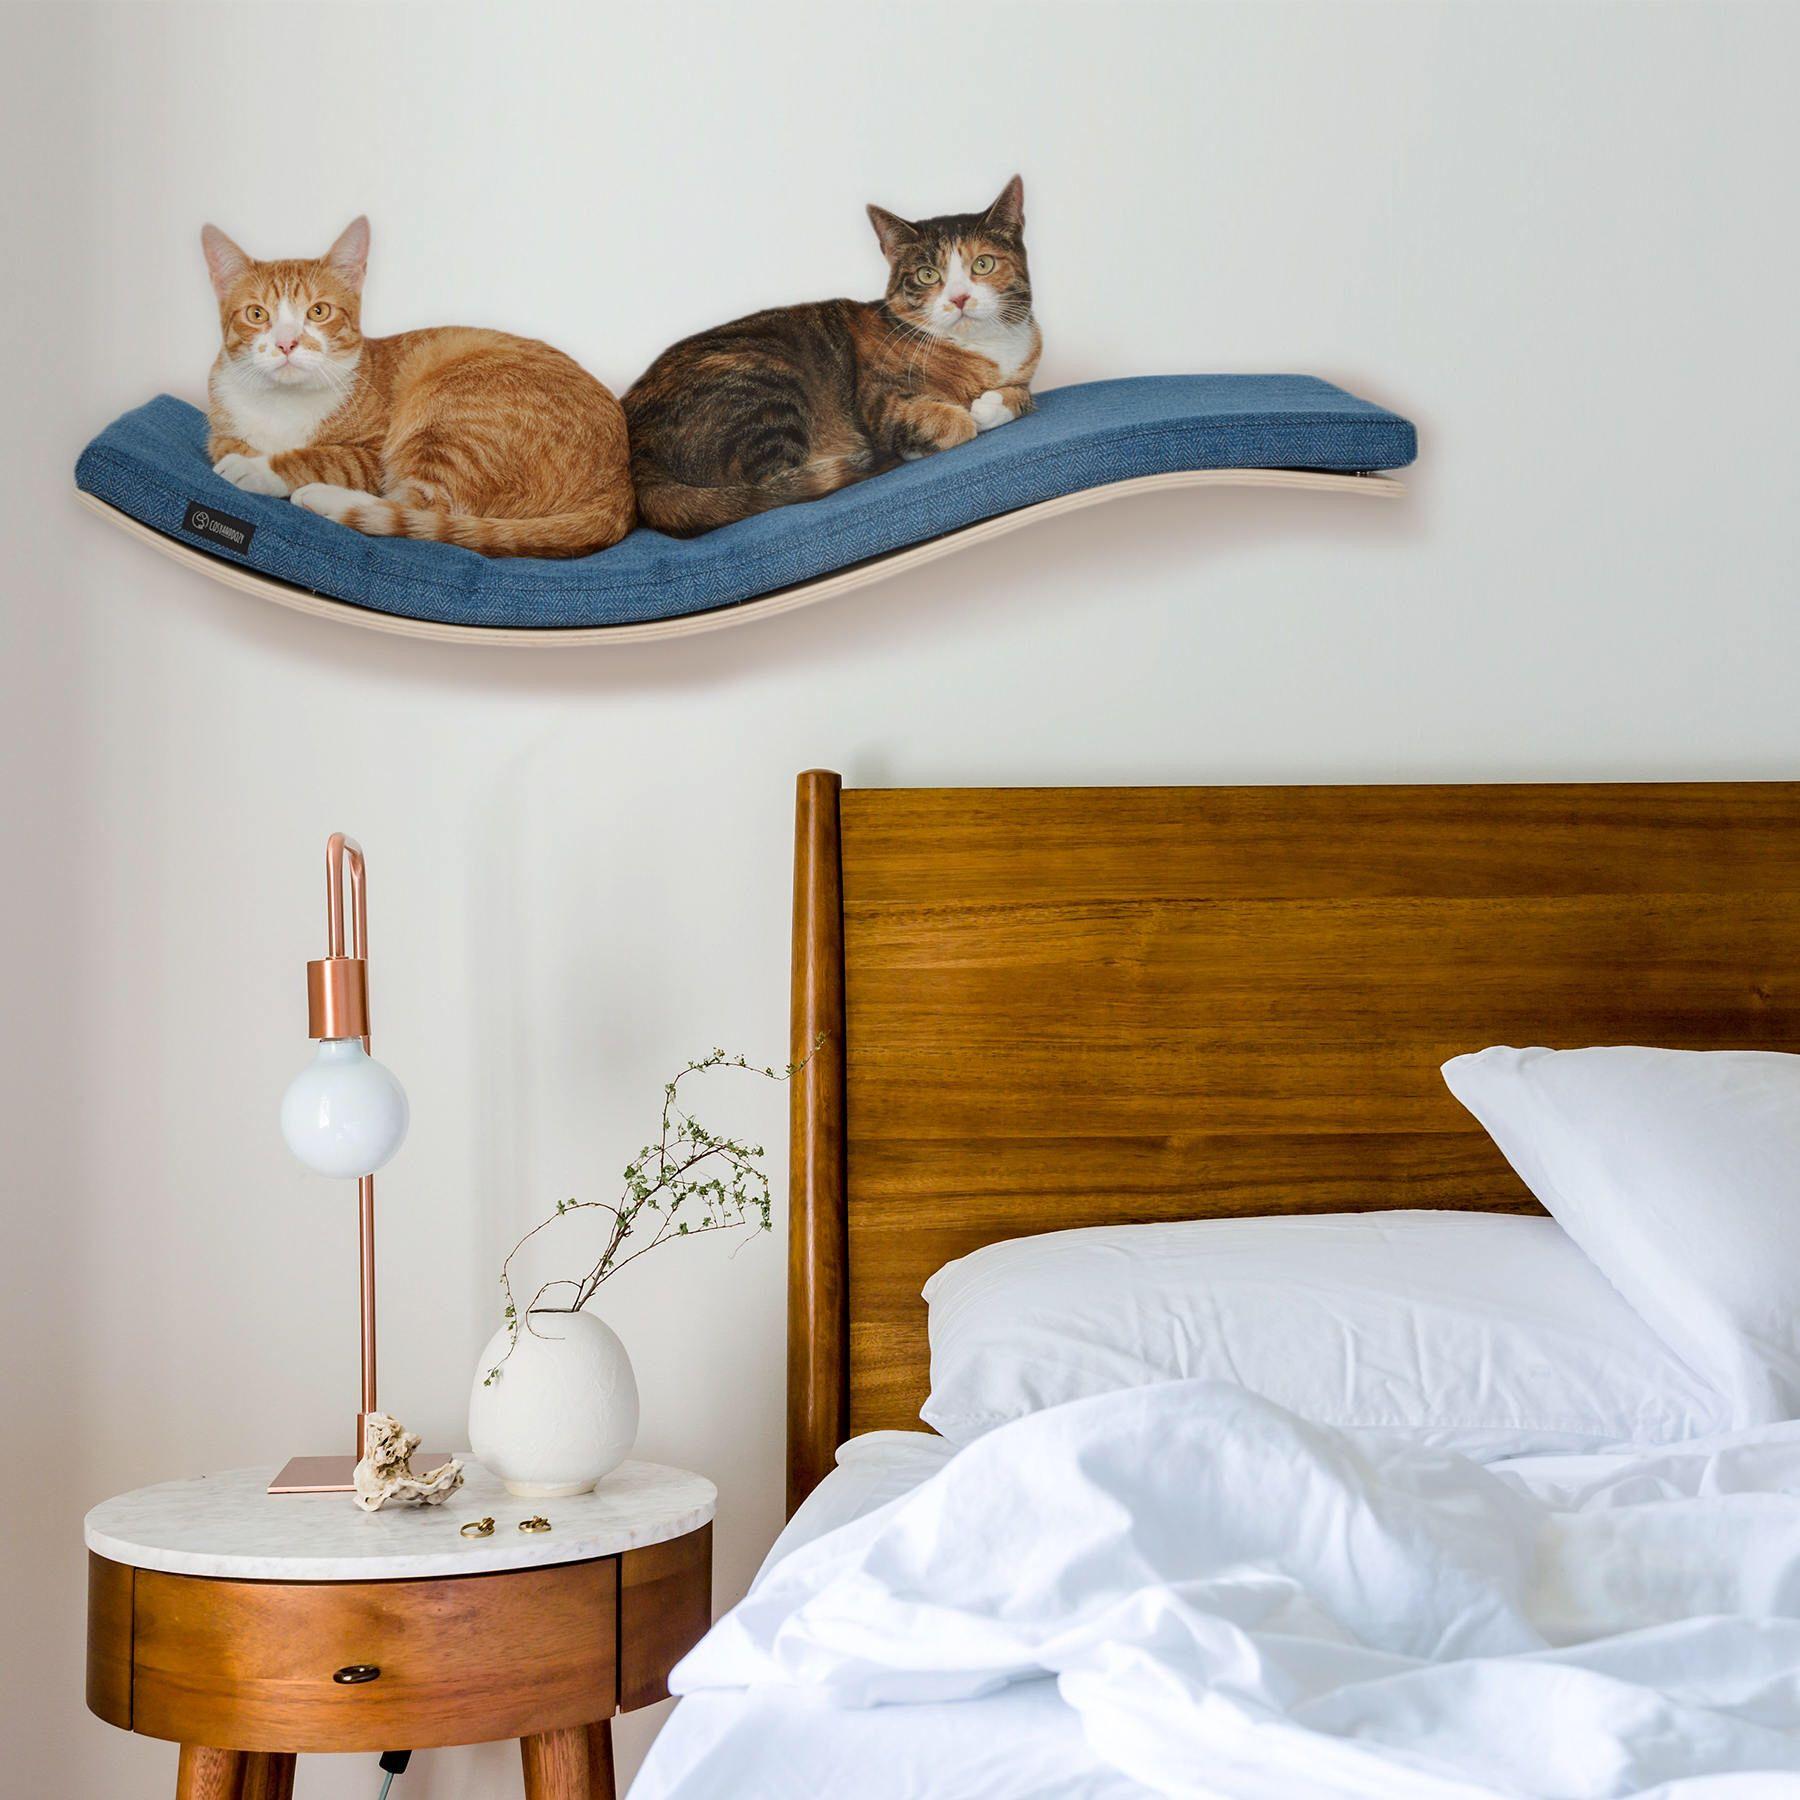 Pet Furniture Cat Shelf Wall Best Cat Furniture Large Cat Bed